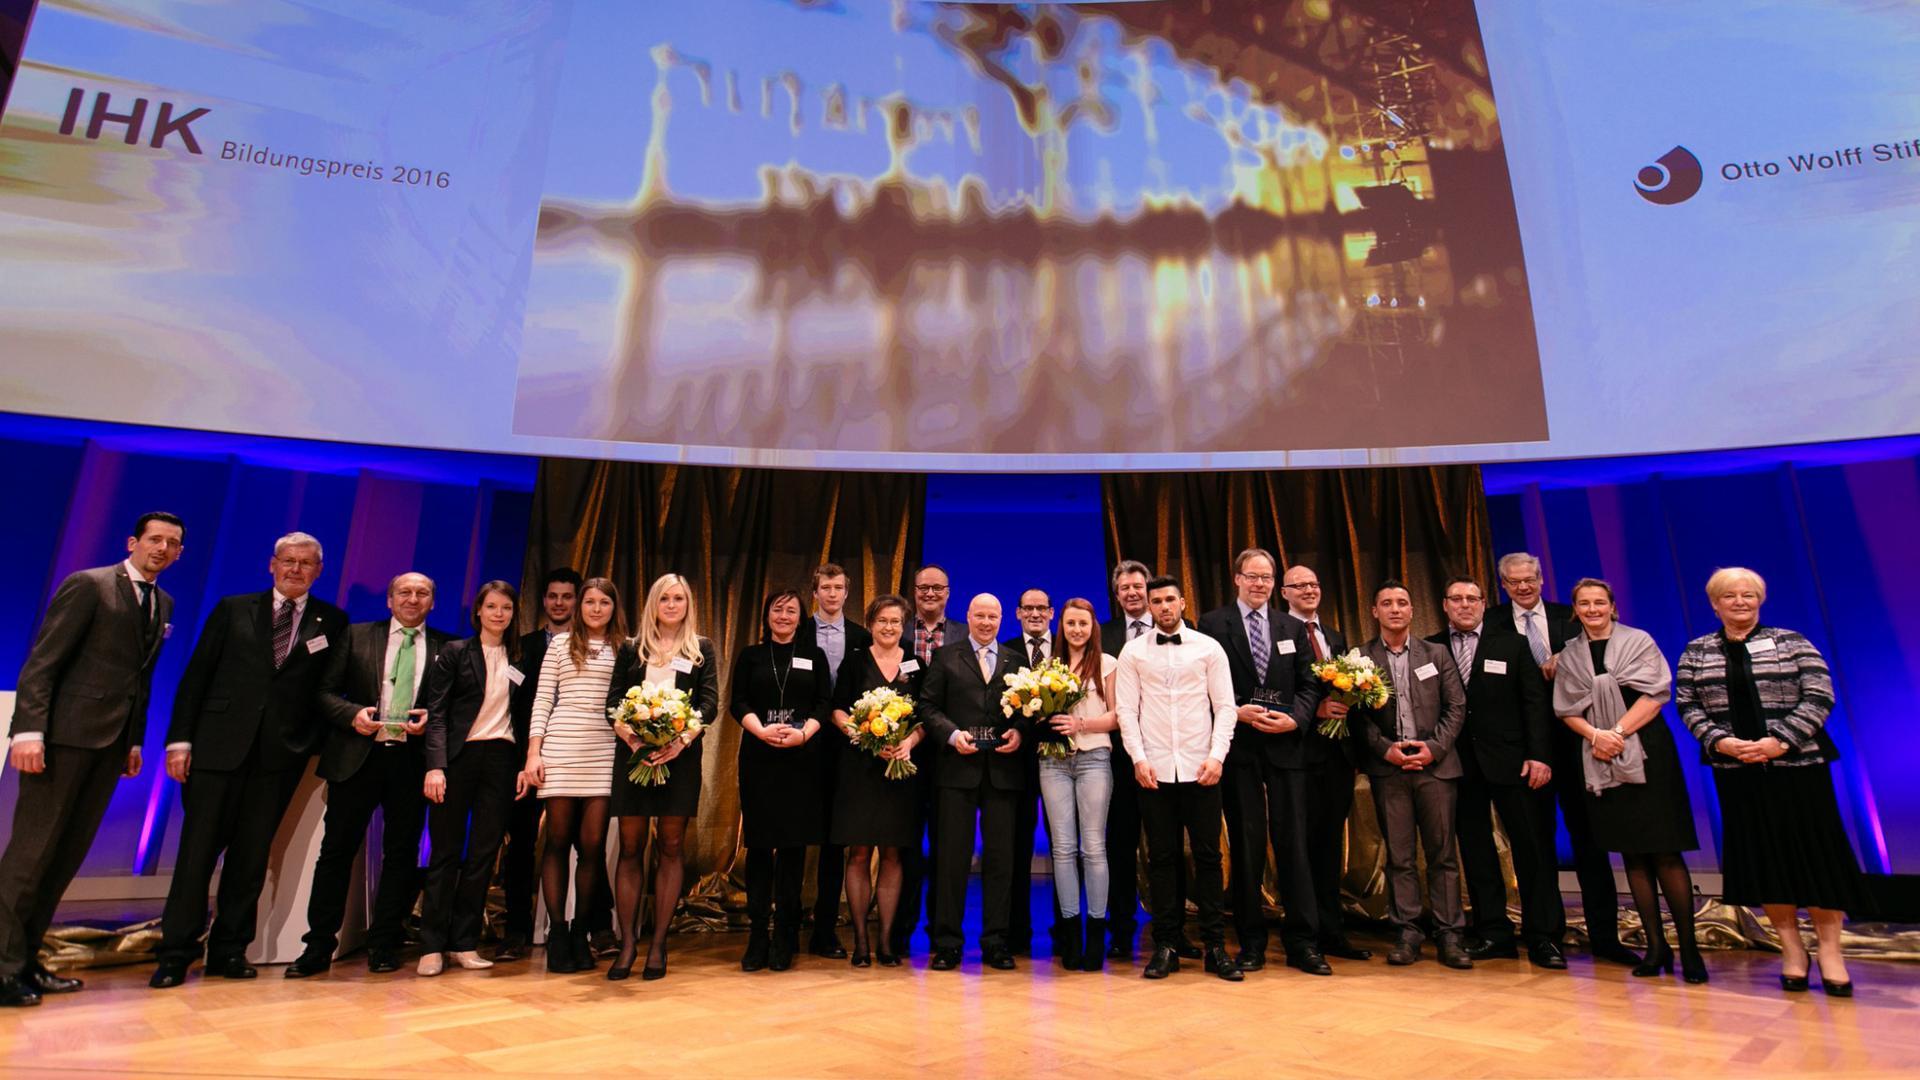 IHK-Bildungspreis 2016 verliehen